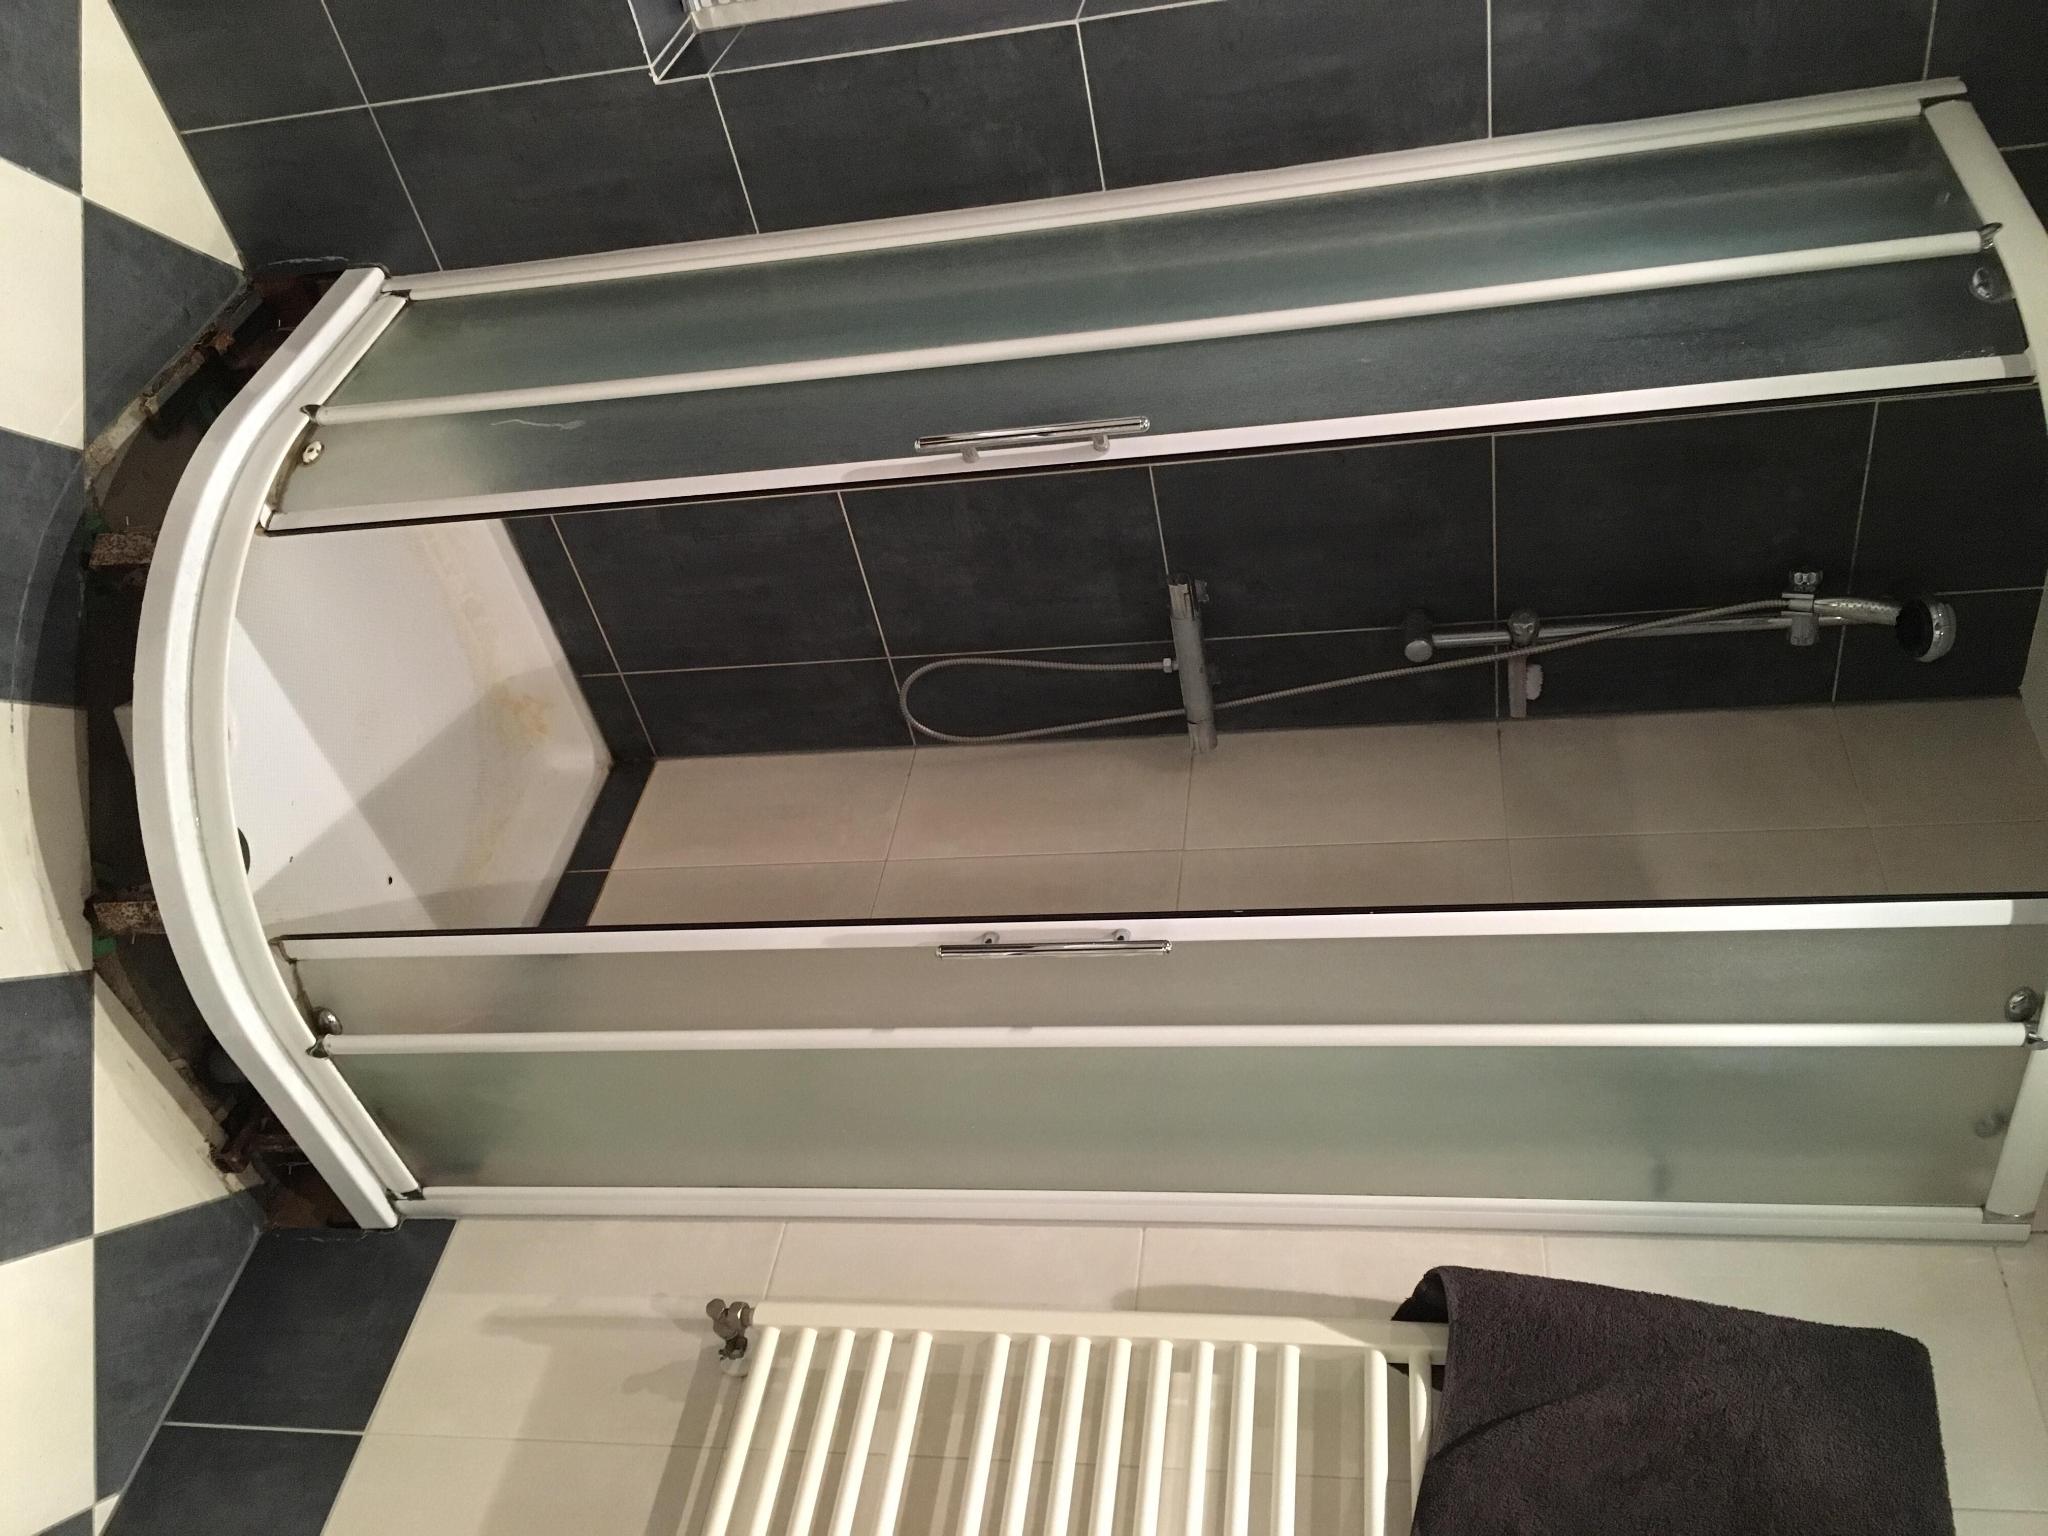 Afvoer Douche Aansluiten : Douche bad combinatie plaatsen aansluiten op bestaande douche